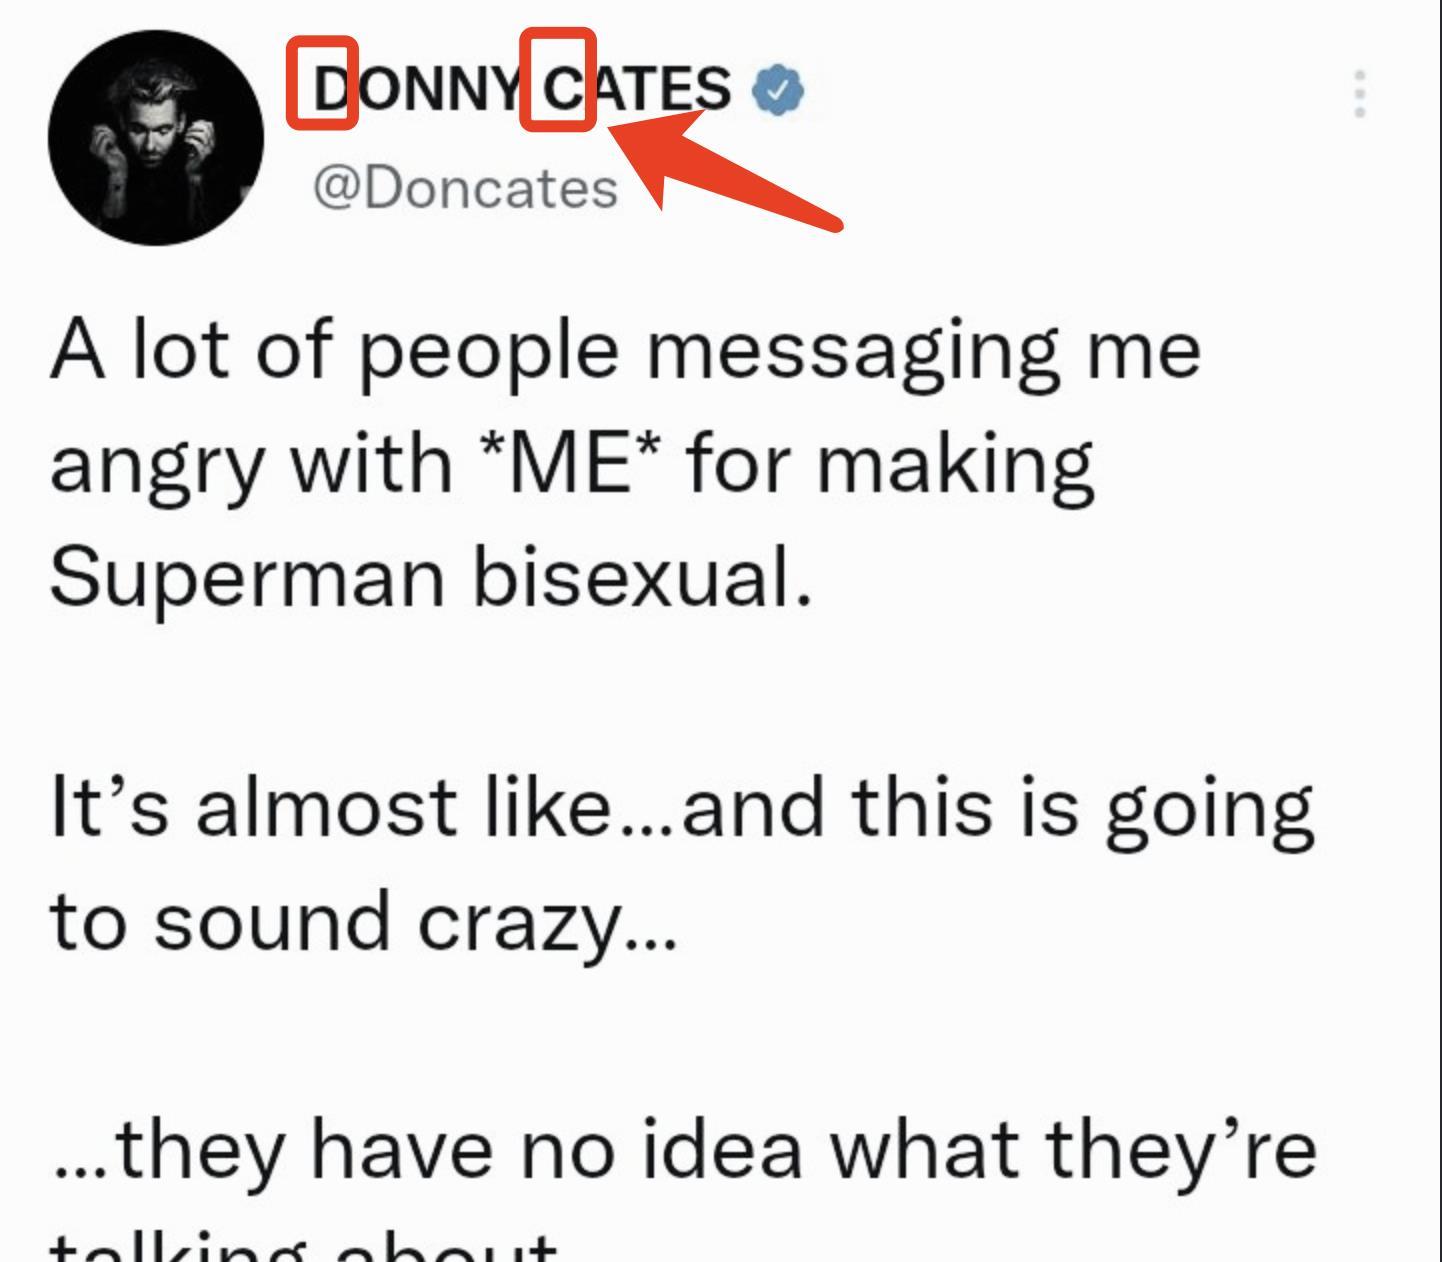 DC出狠招直接让超人出柜,被骂懵的却是漫威编剧?真相要笑死人!(超杀女是漫威的还是DC的啊)